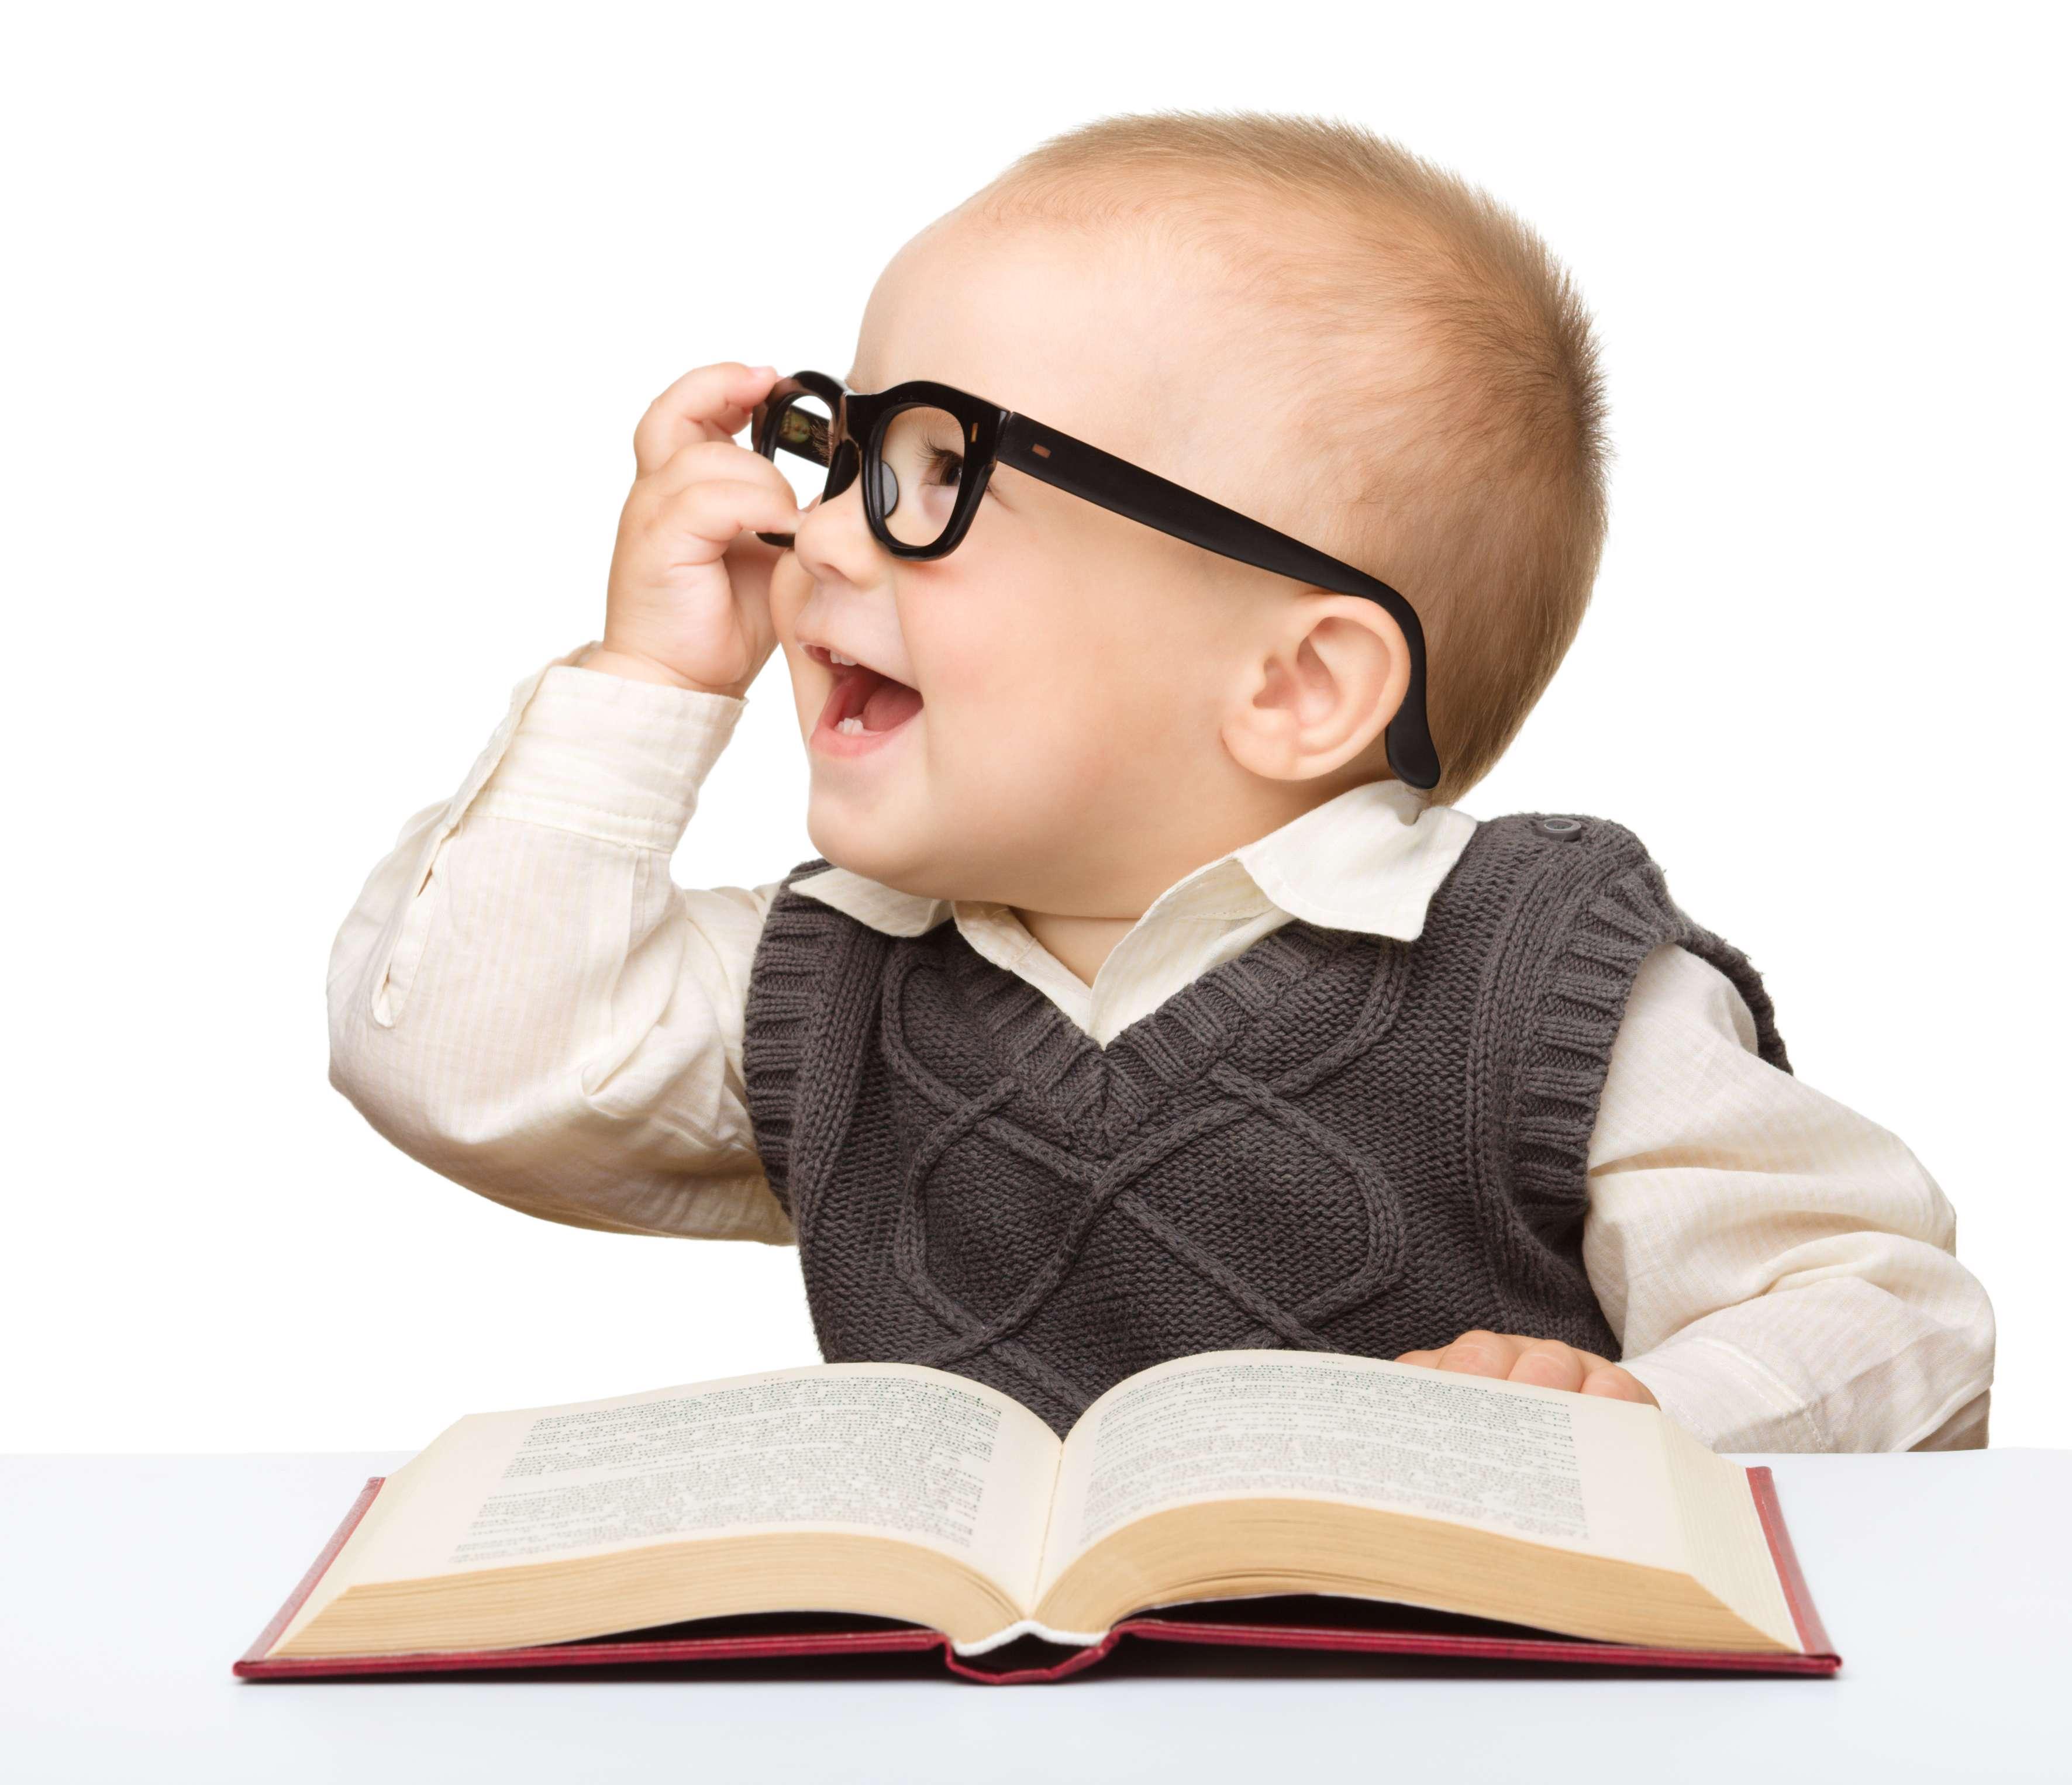 گیف خوردن دختر بچه ای در حال کتاب خواندن گنجینه تصاویر تبيان